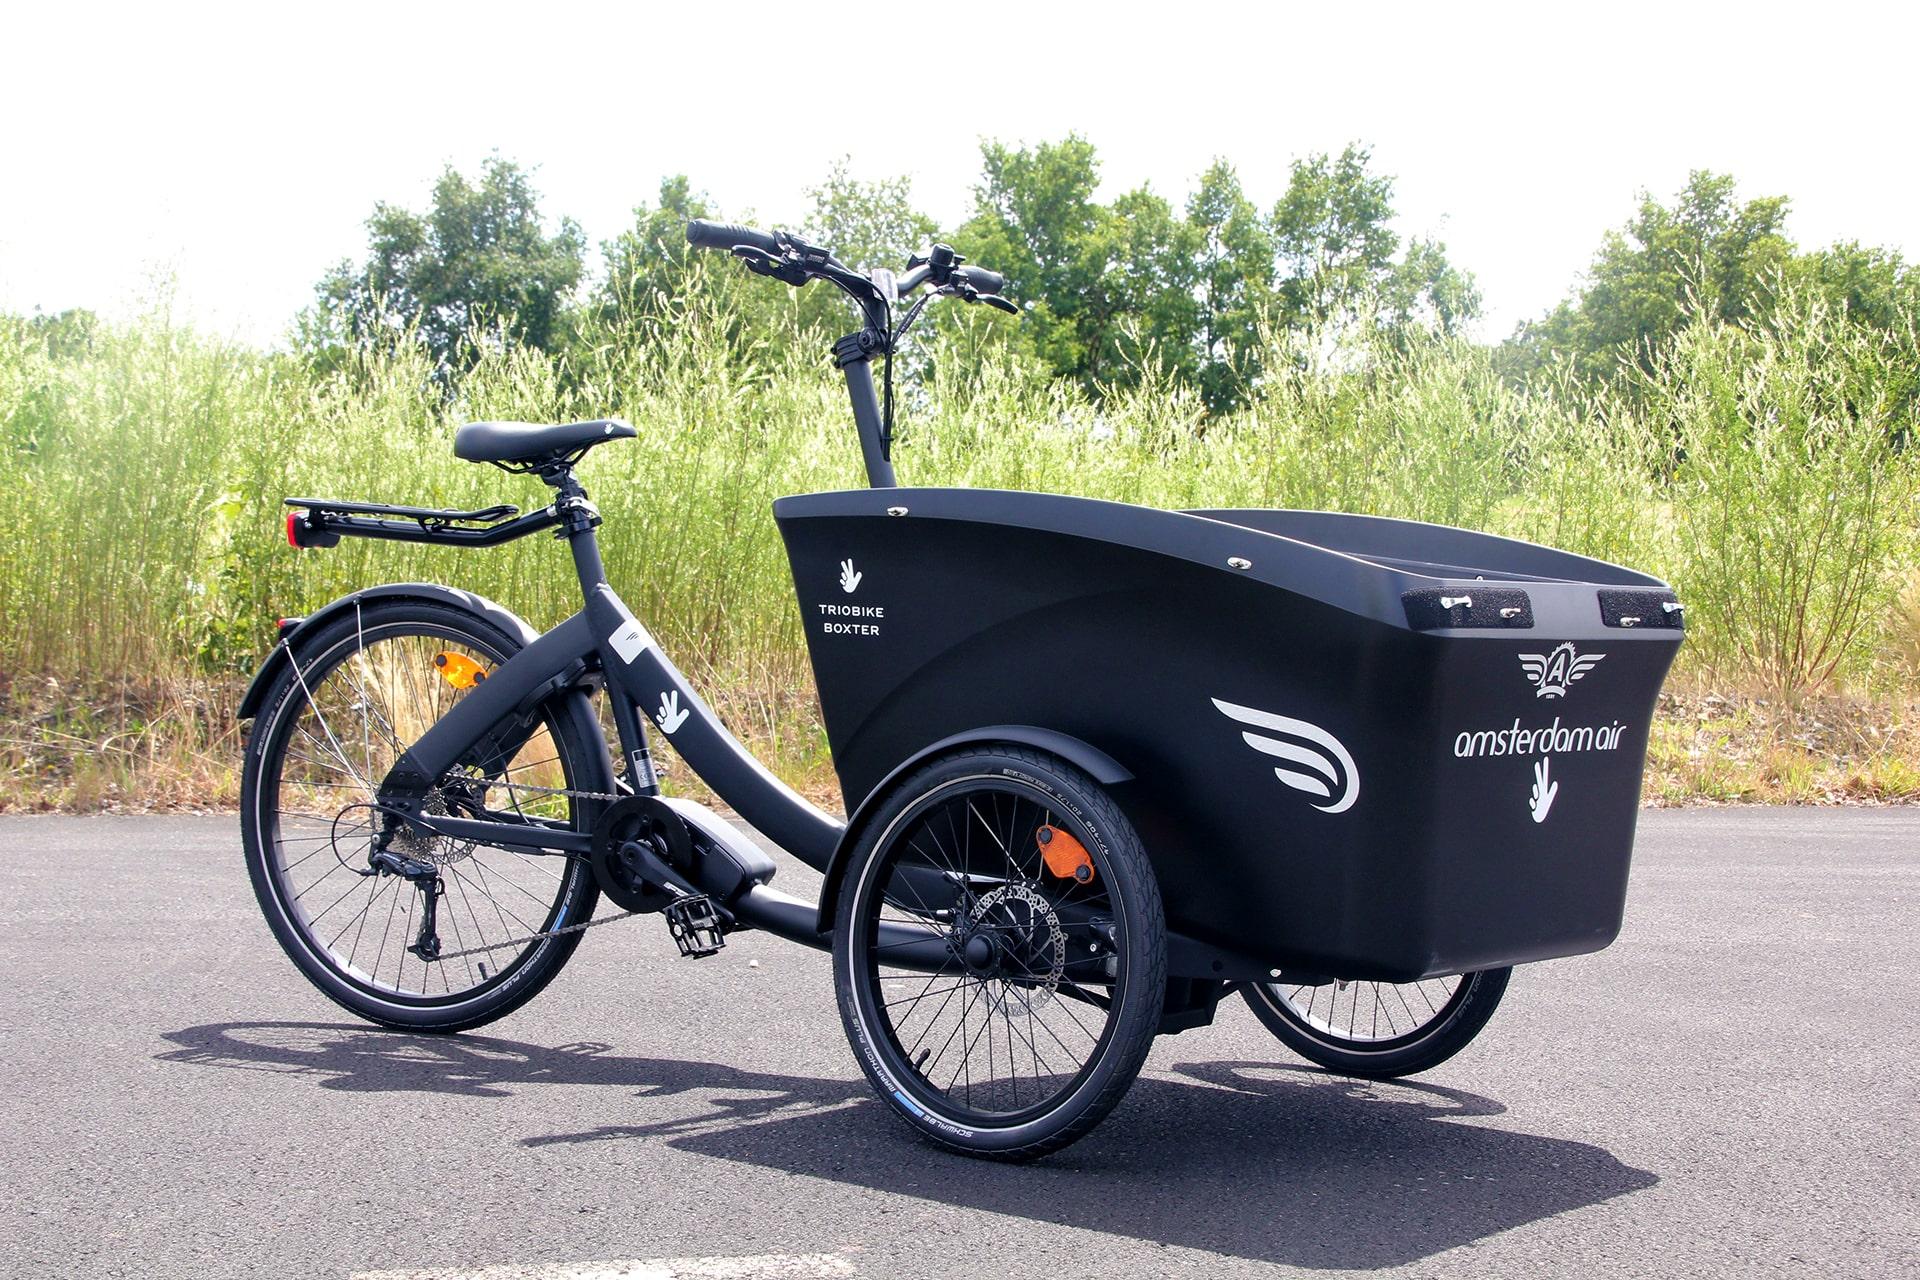 triobike triporteur E-Boxter amsterdam air